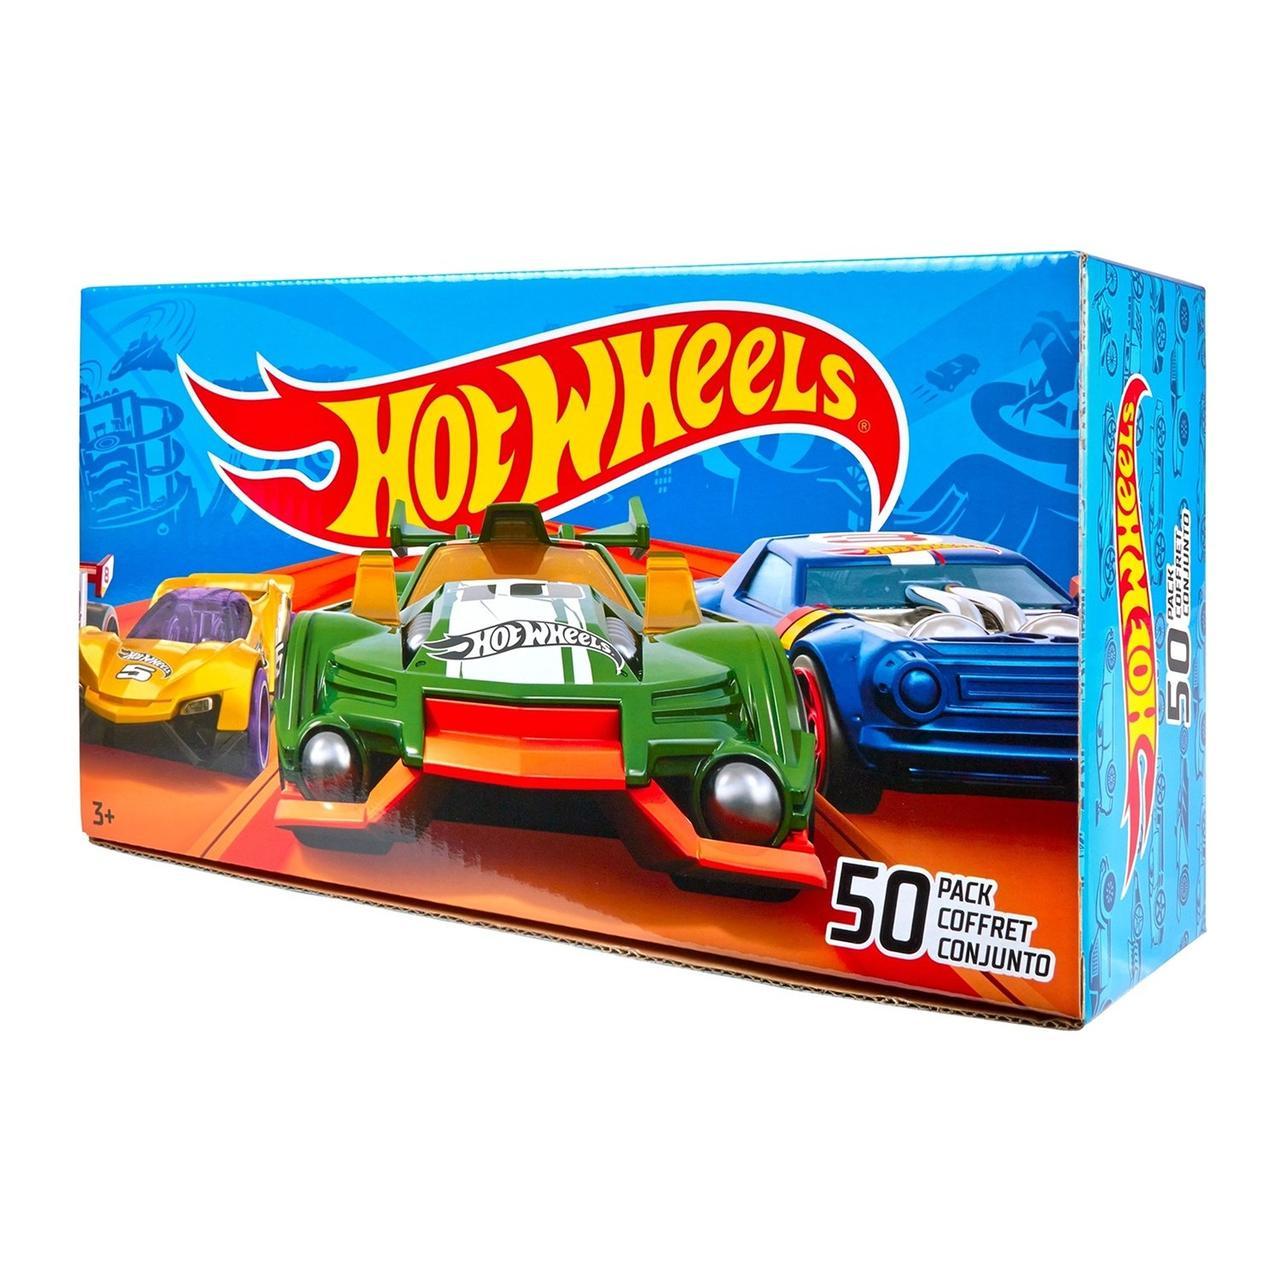 Hot Wheels Огромный набор из 50 машинок в непрозрачной упаковке